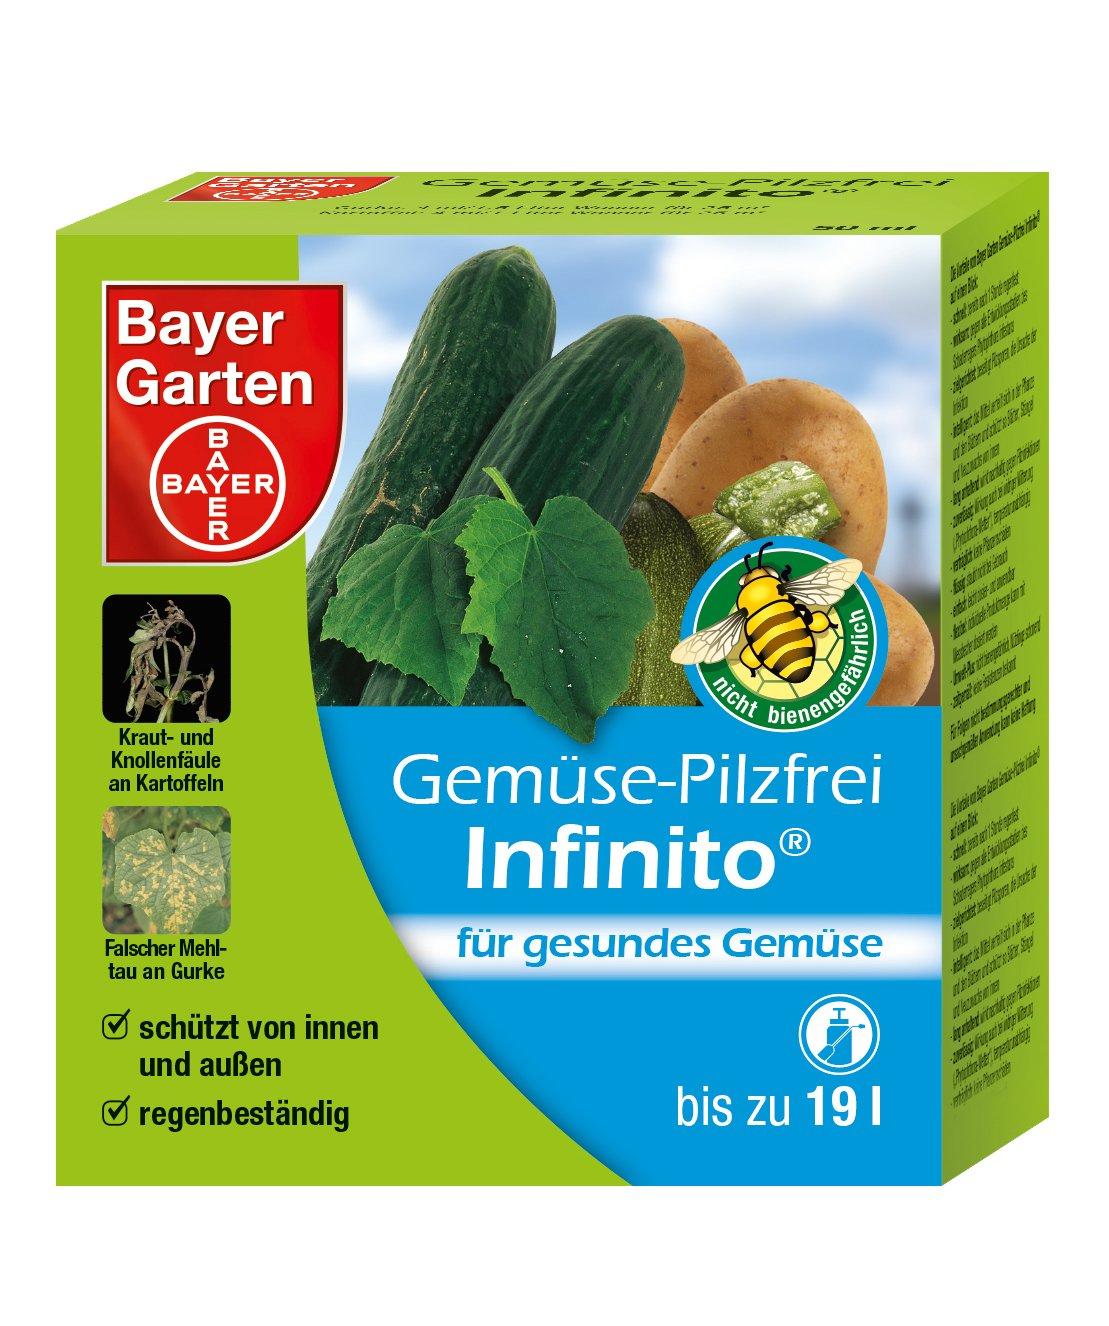 Bayer Garten Gemüse-Pilzfrei Infinito Pilzbekämpfung, Beige, 50 ml SBM Life Science GmbH 84088269